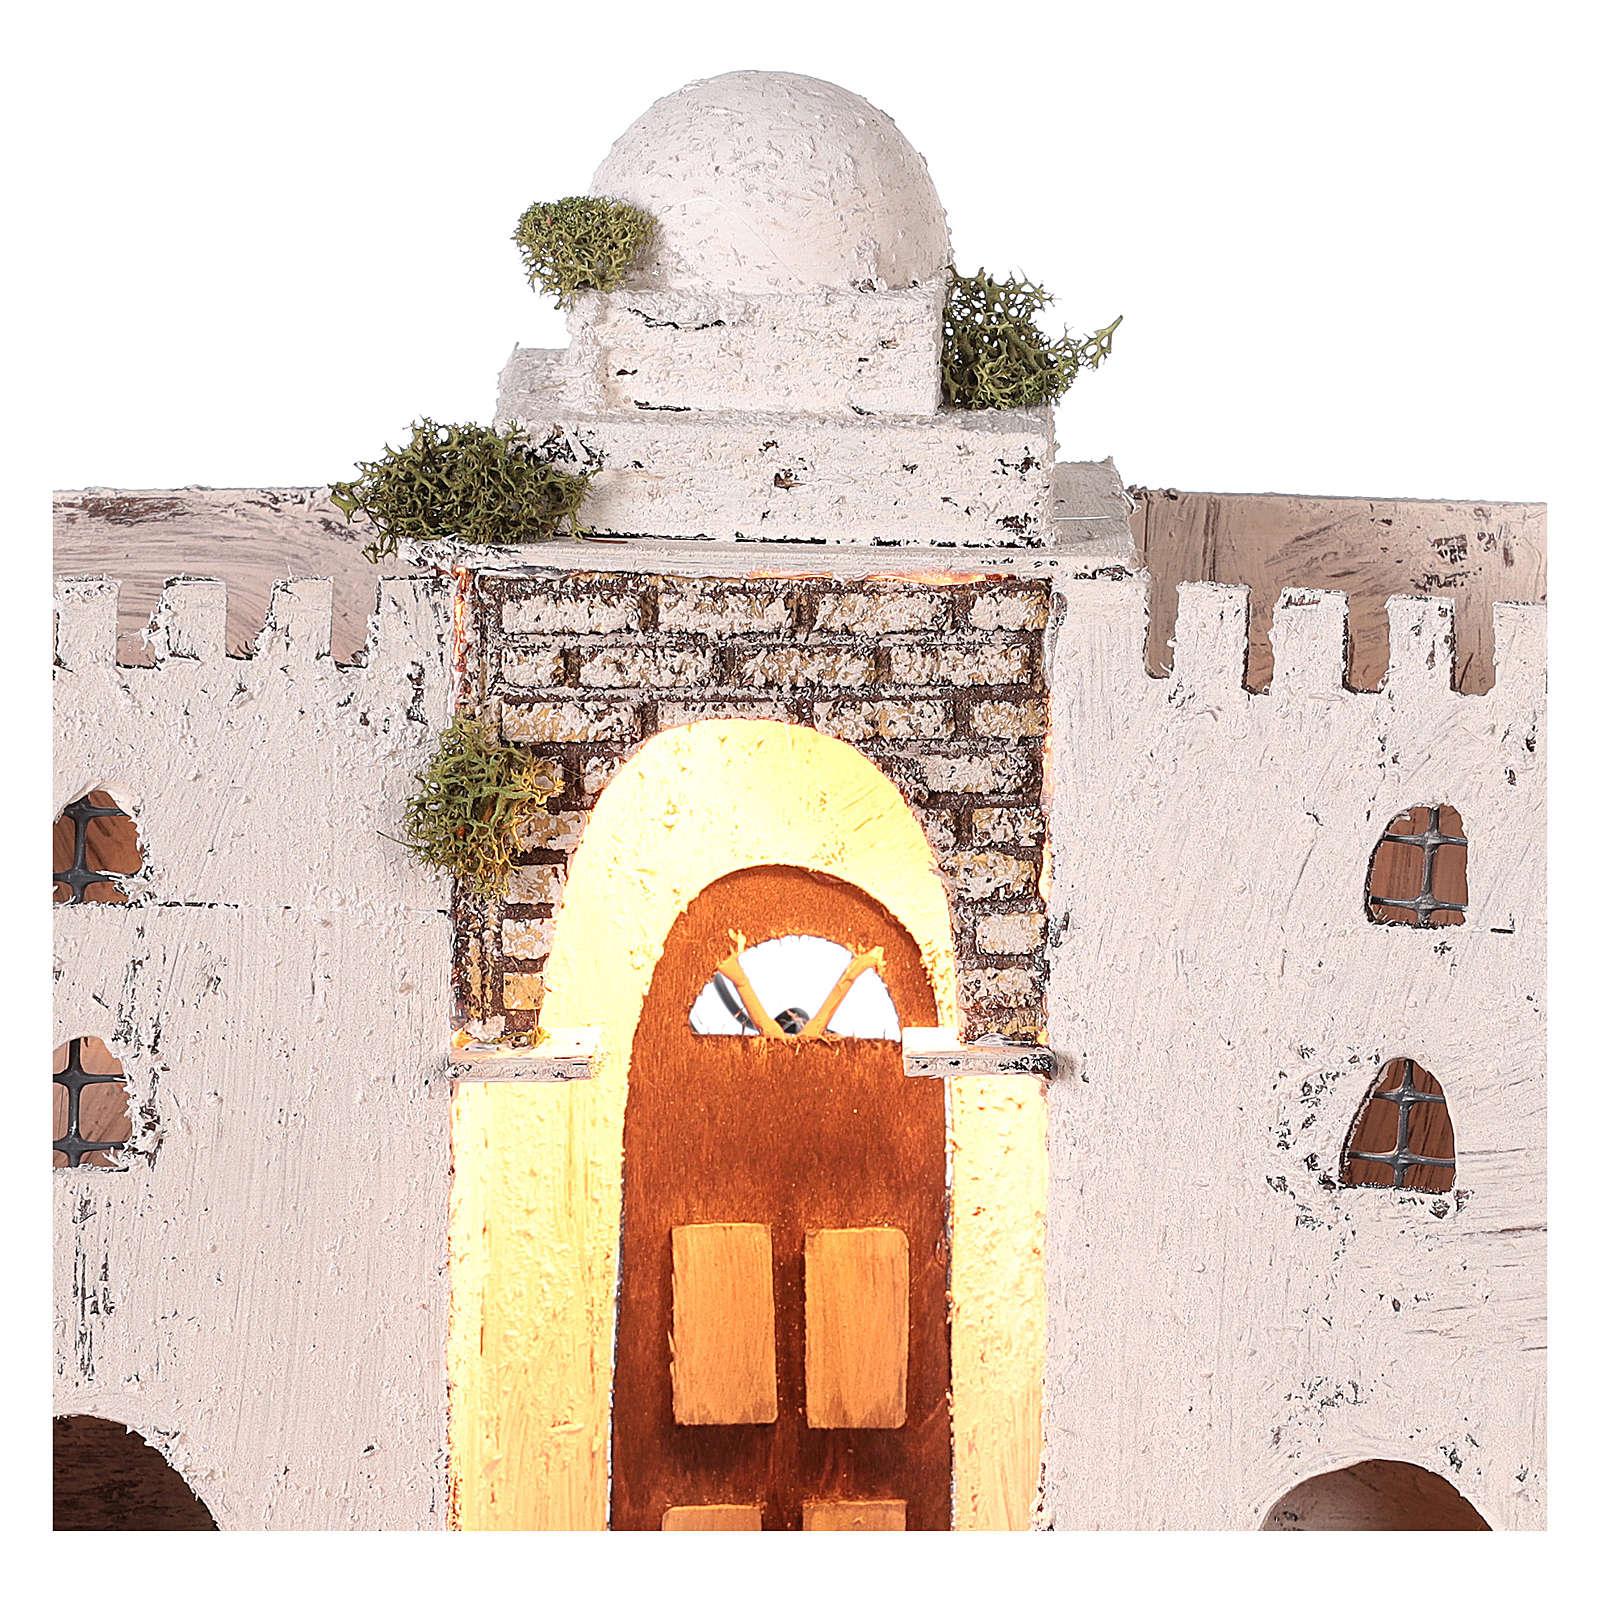 Ambientazione araba bianca doppio arco e porta 30x35x20 cm presepe di Napoli 4